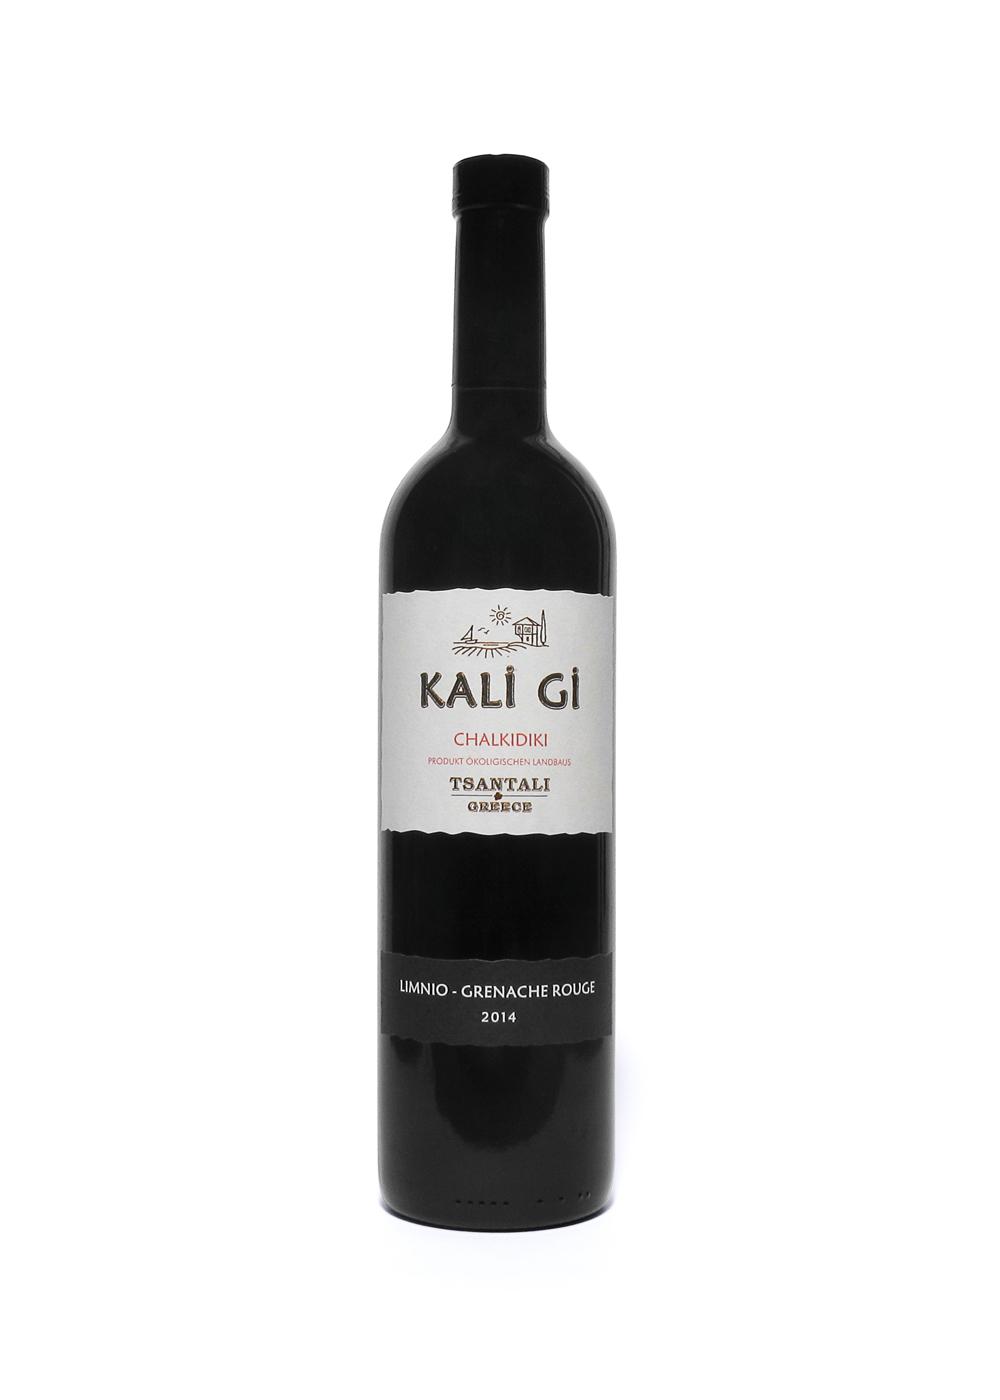 Kali Gi